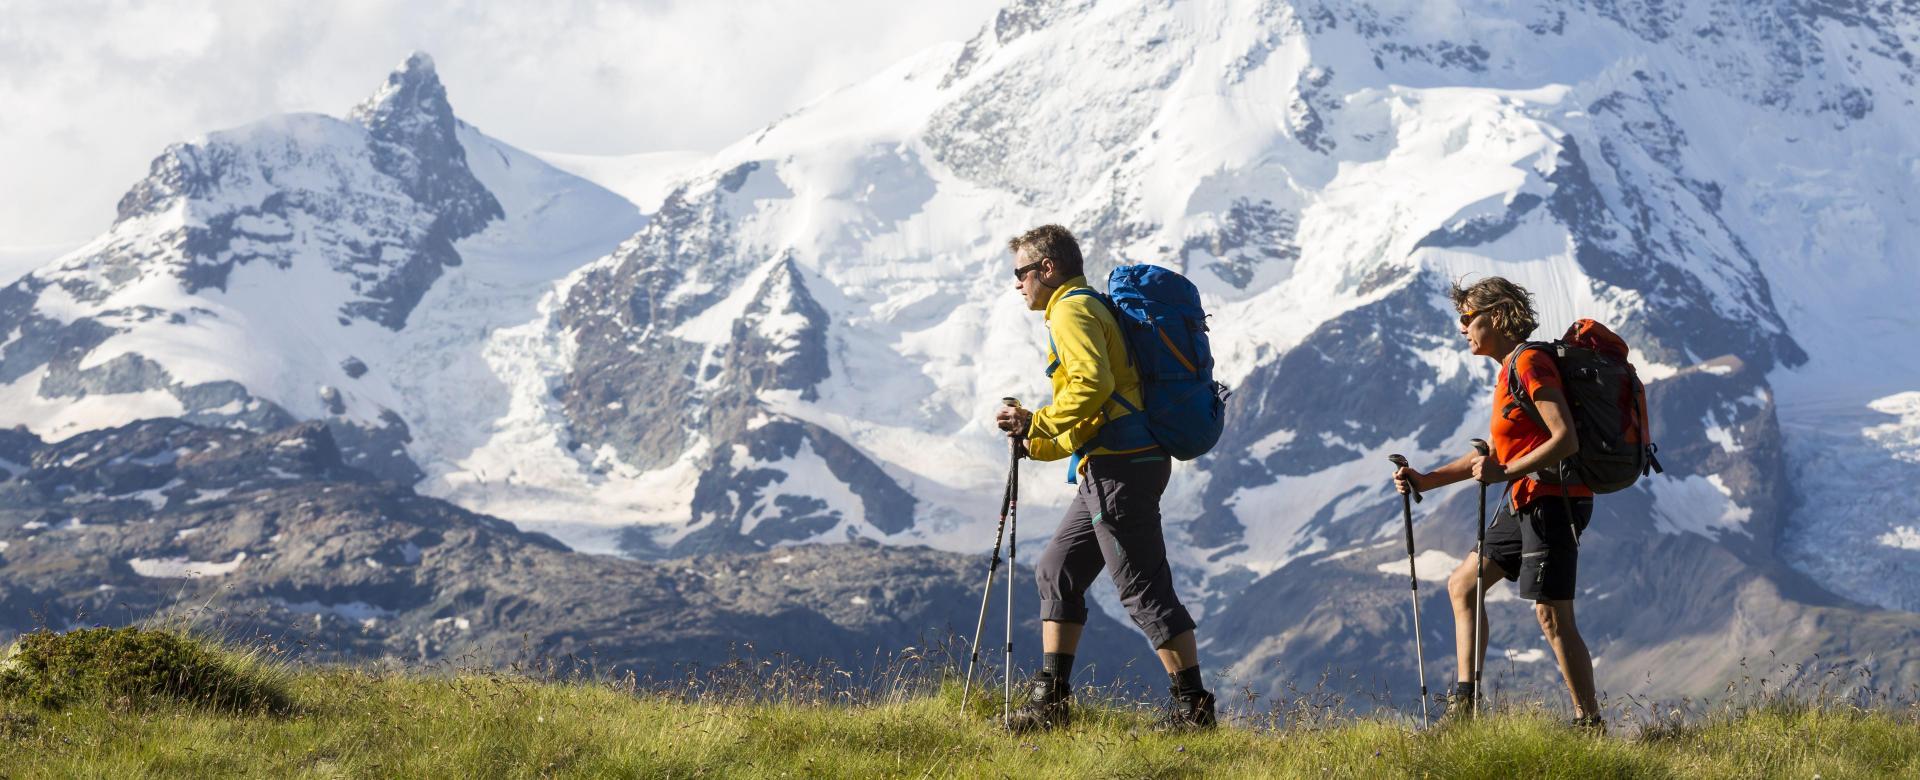 Voyage à pied France : Sur les sentiers de chamonix à zermatt